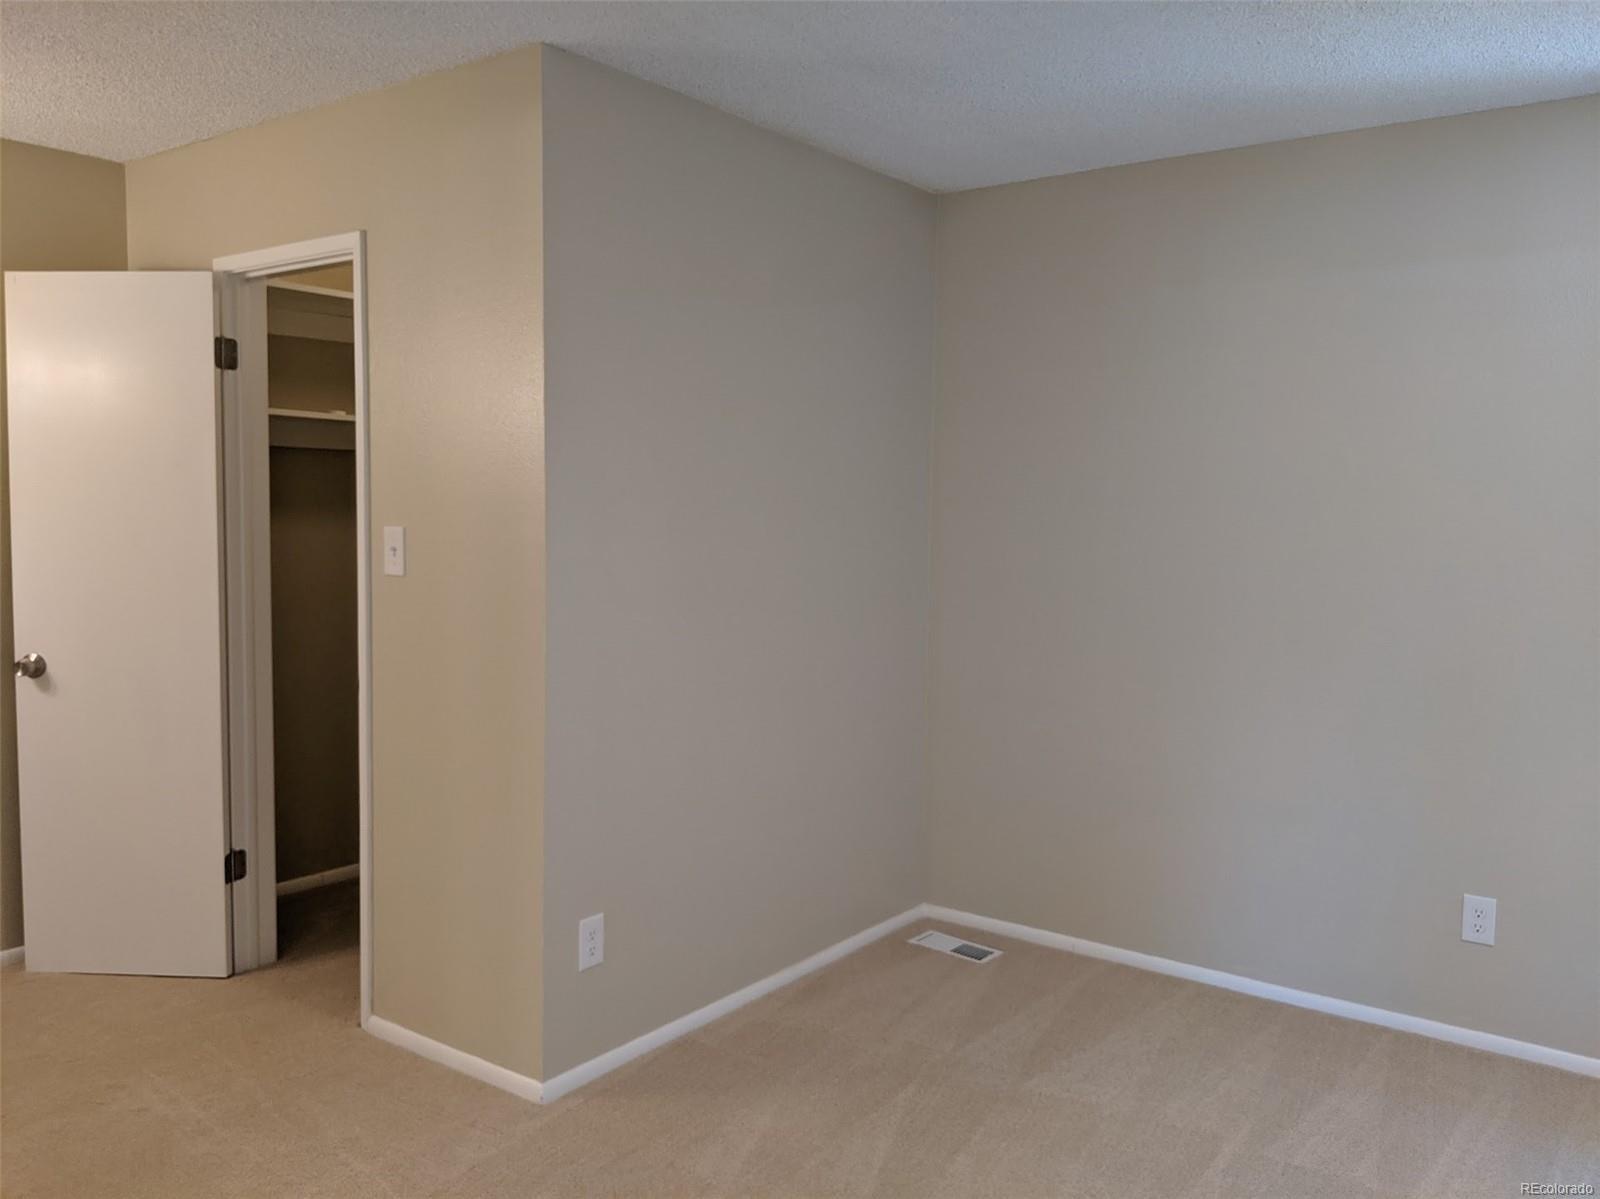 MLS# 8614749 - 15 - 537 S Xenon Court, Lakewood, CO 80228